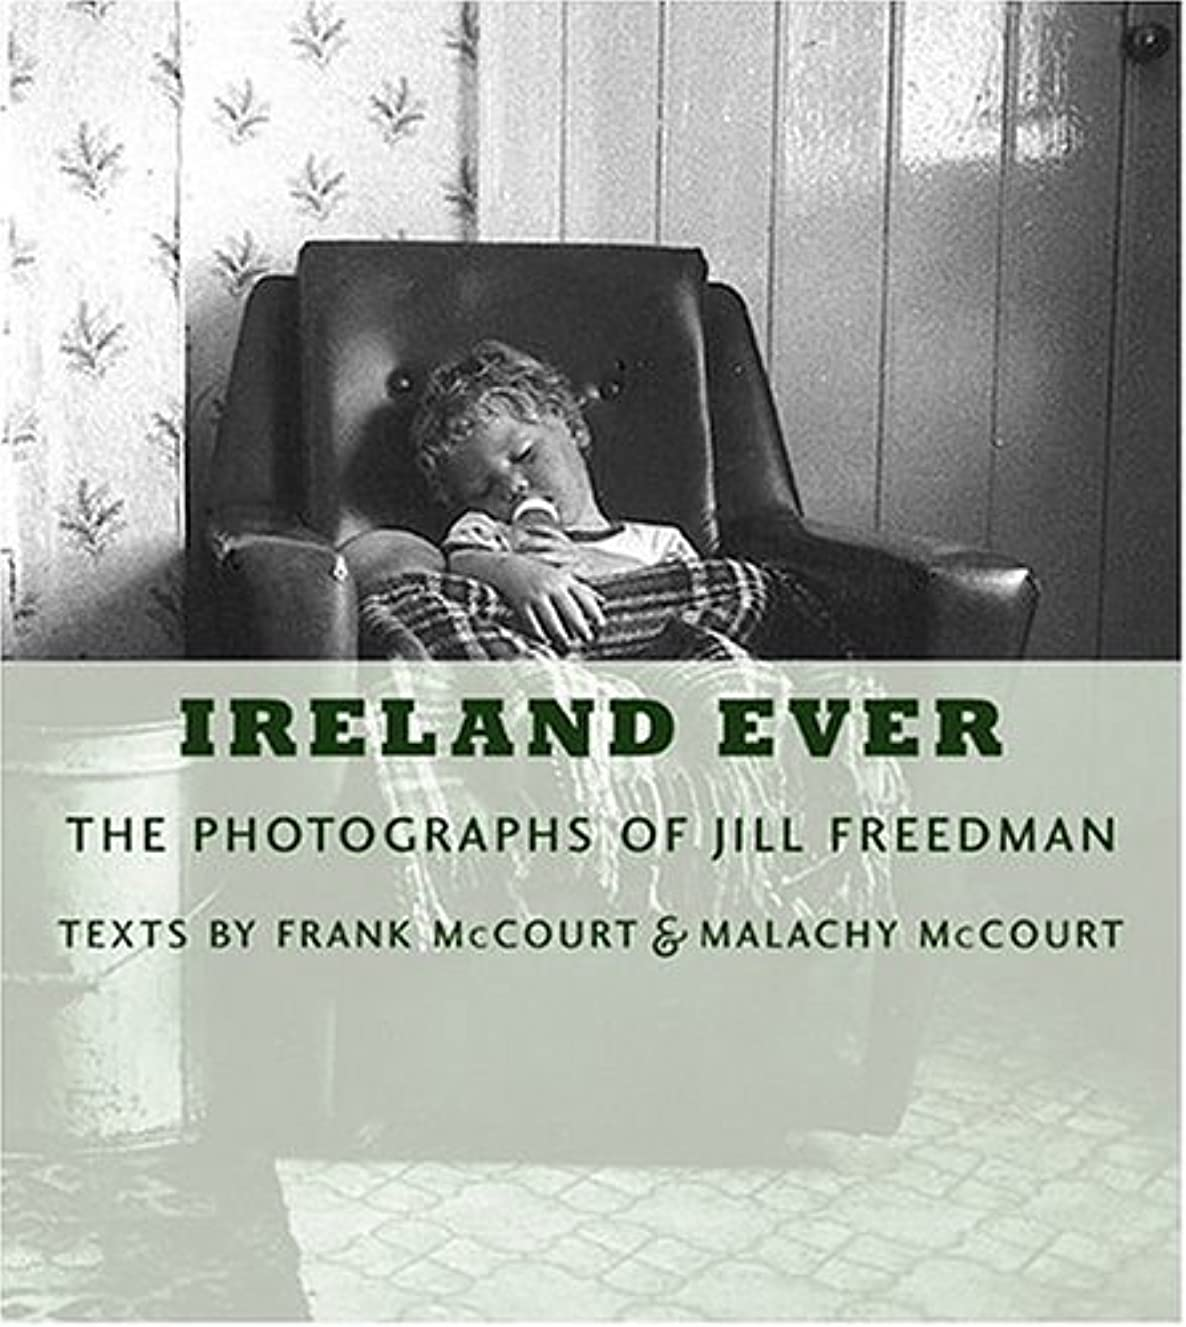 第不完全な多分Ireland Ever: The Photographs of Jill Freedman